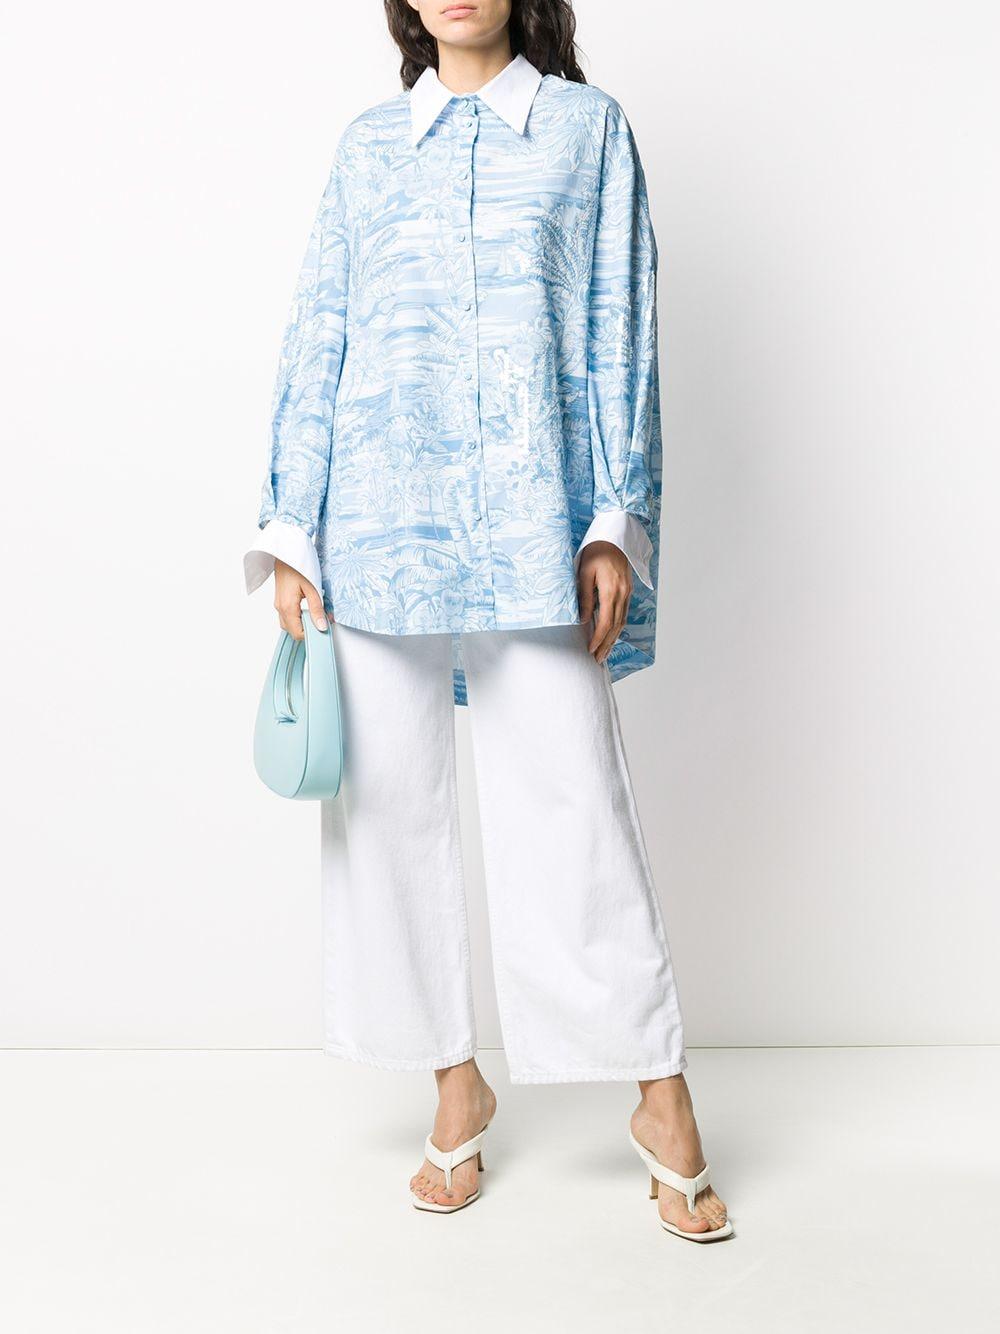 Light-blue and white cotton tropical-print oversized shirt  BROGNANO |  | 28BR2E04R-20429380